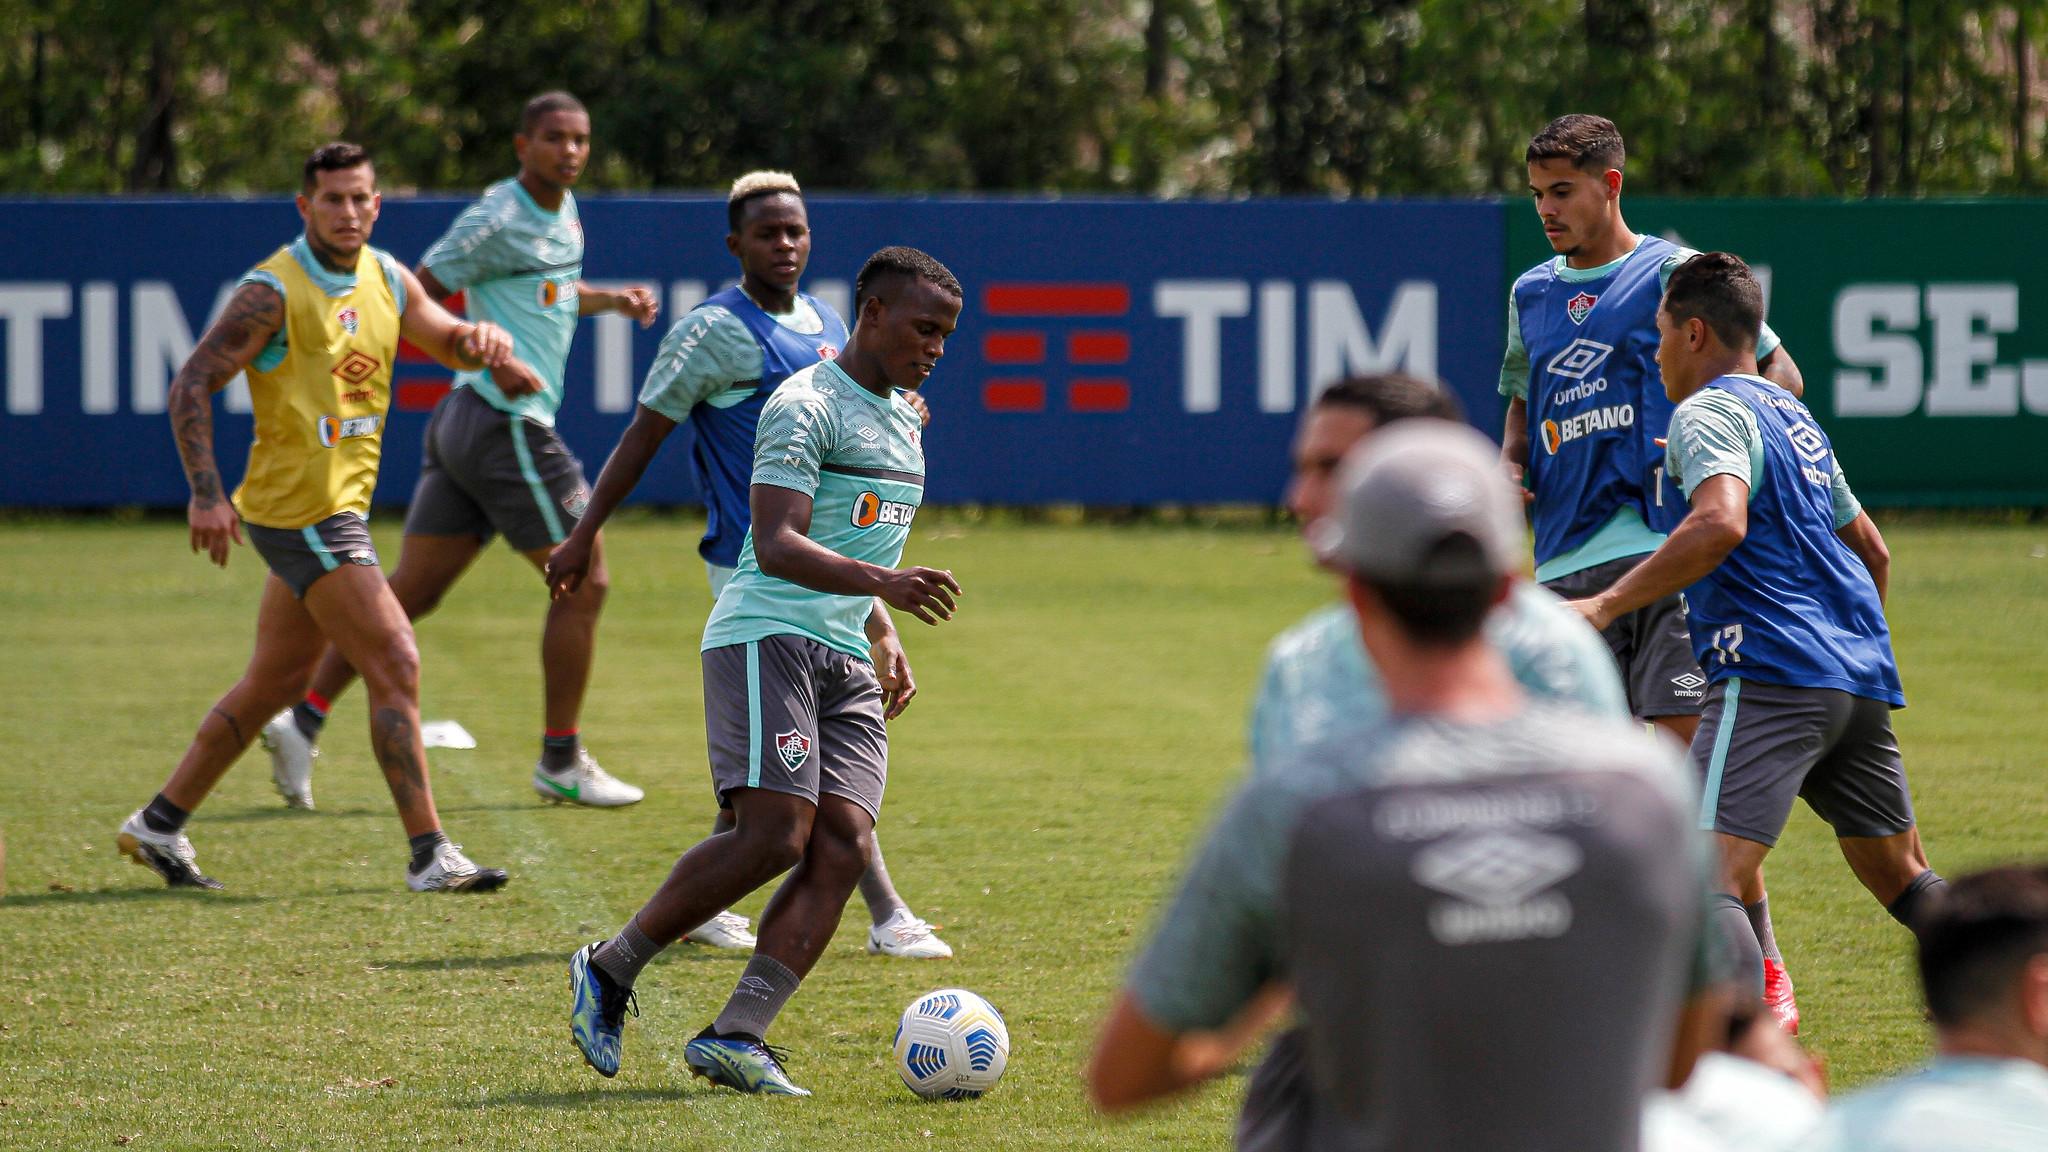 Jogadores do Fluminense treinam no CT Carlos Castilho